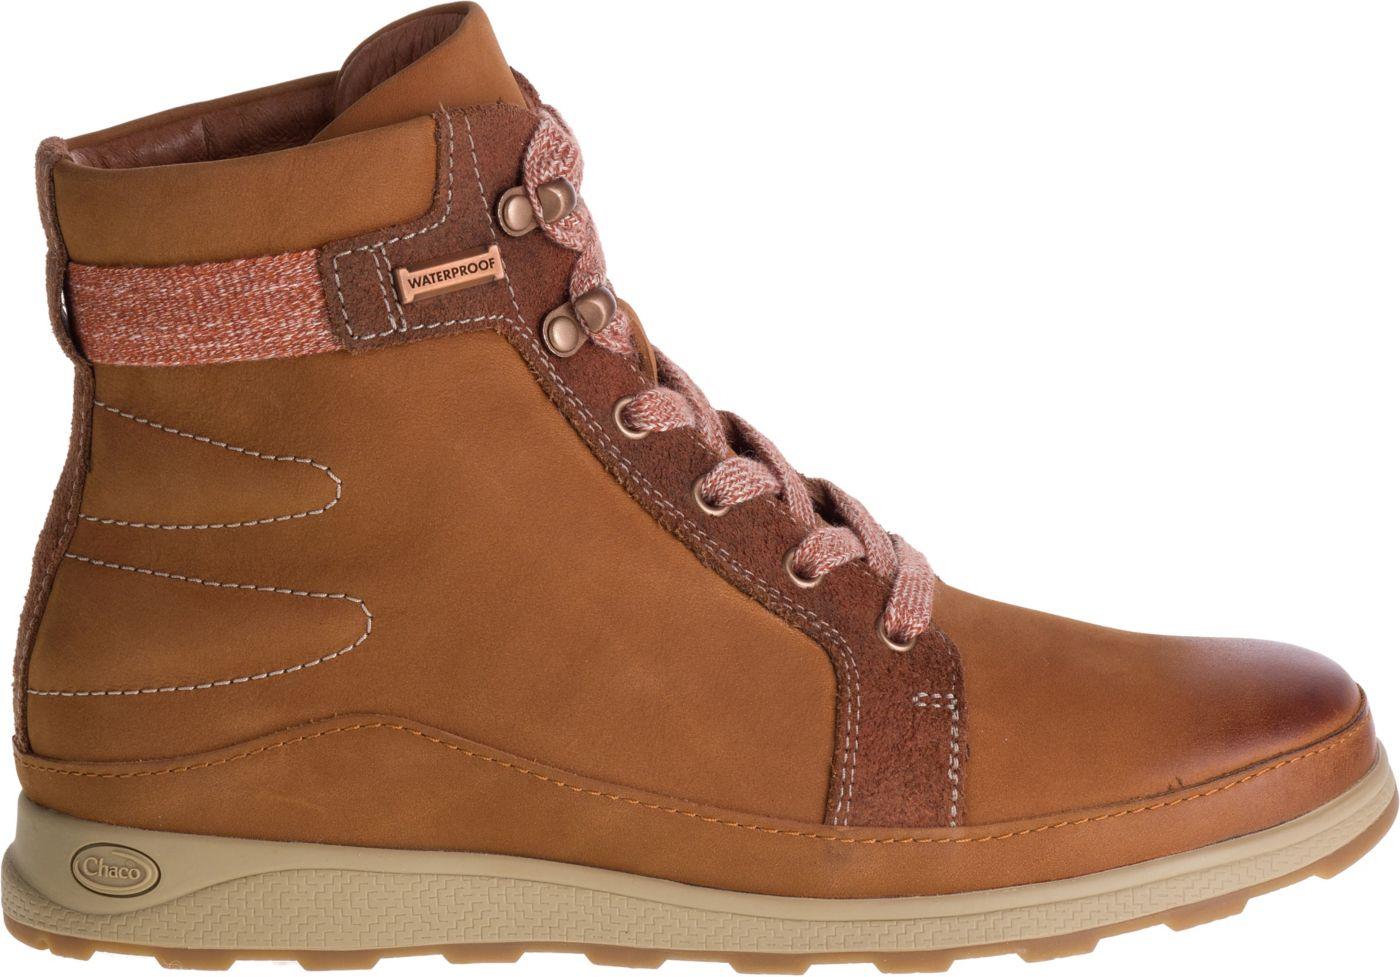 Chaco Women's Sierra Waterproof Casual Boots